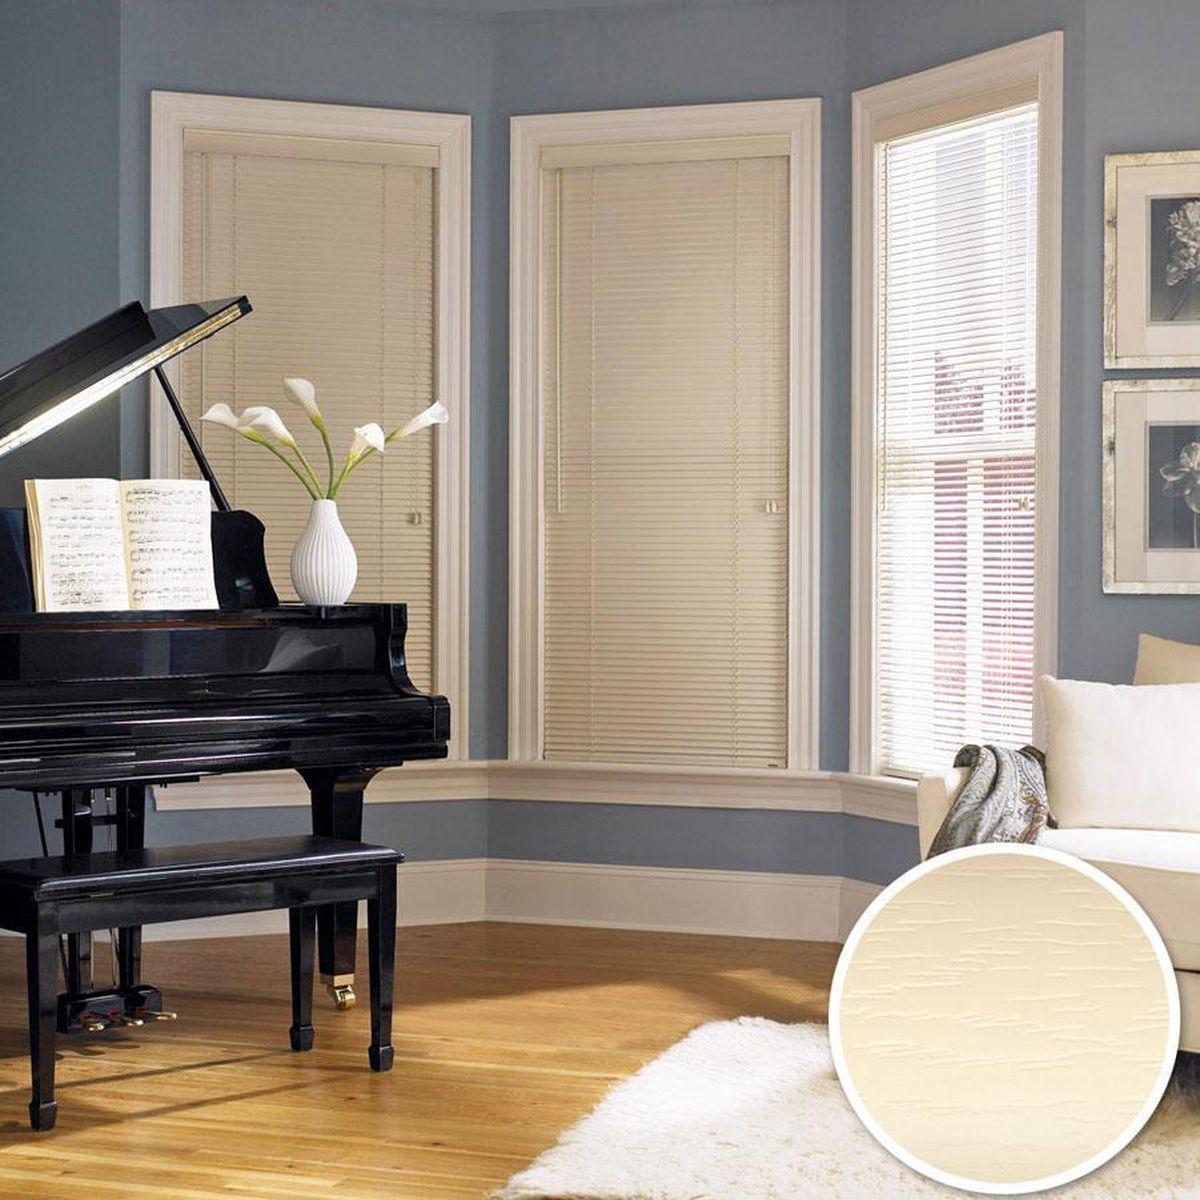 Жалюзи Эскар, цвет: бежевый, ширина 60 см, высота 160 см61009060160Для того чтобы придать интерьеру изюминку и завершенность, нет ничего лучше, чем использовать жалюзи на окнах квартиры, дома или офиса. С их помощью можно подчеркнуть индивидуальный вкус, а также стилевое оформление помещения. Помимо декоративных функций, жалюзи выполняют и практические задачи: они защищают от излишнего солнечного света, не дают помещению нагреваться, а также создают уют в темное время суток. Пластиковые жалюзи - самое универсальное и недорогое решение для любого помещения. Купить их может каждый, а широкий выбор размеров под самые популярные габариты сделает покупку простой и удобной. Пластиковые жалюзи имеют высокие эксплуатационные характеристики - они гигиеничны, что делает их незаменимыми при монтаже в детских и медицинских учреждениях.